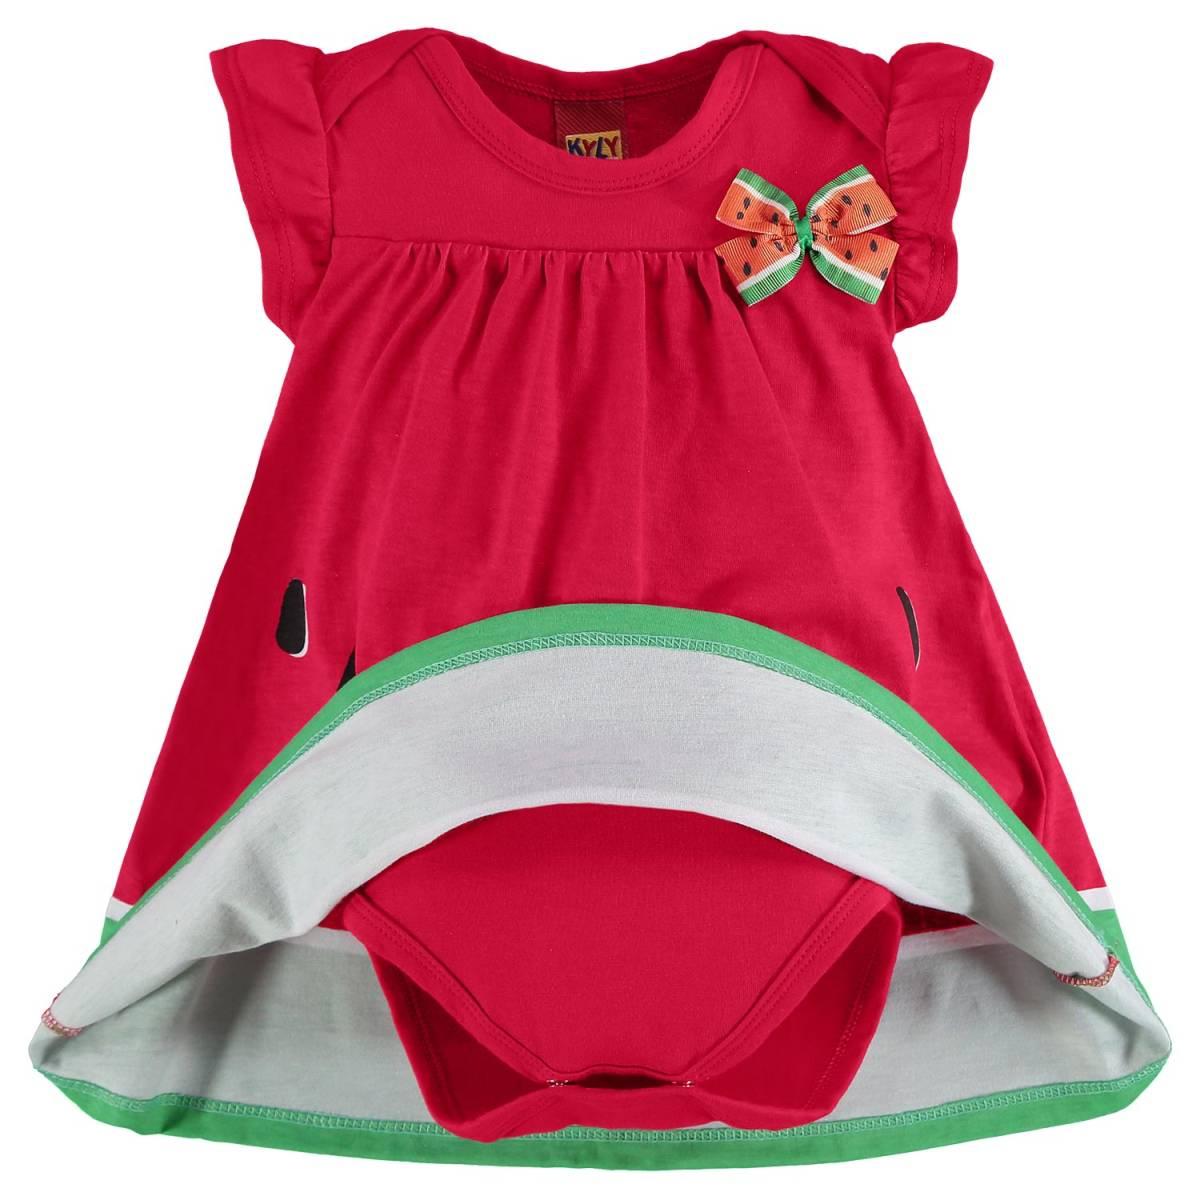 Vestido Bebê Kyly com Body interno